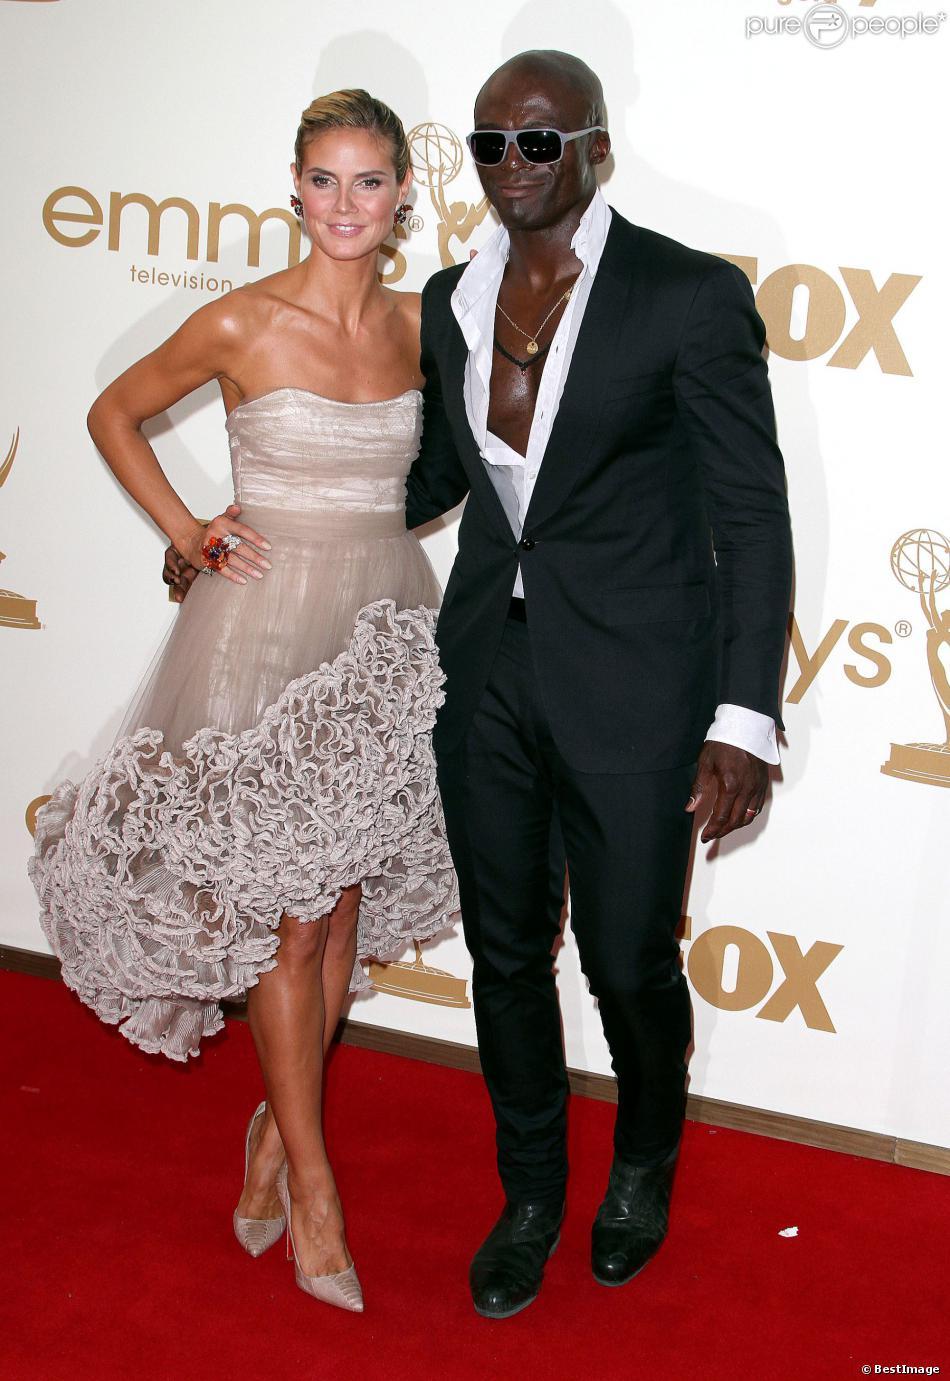 Heidi Klum et Seal en septembre 2011, quelques mois avant leur séparation